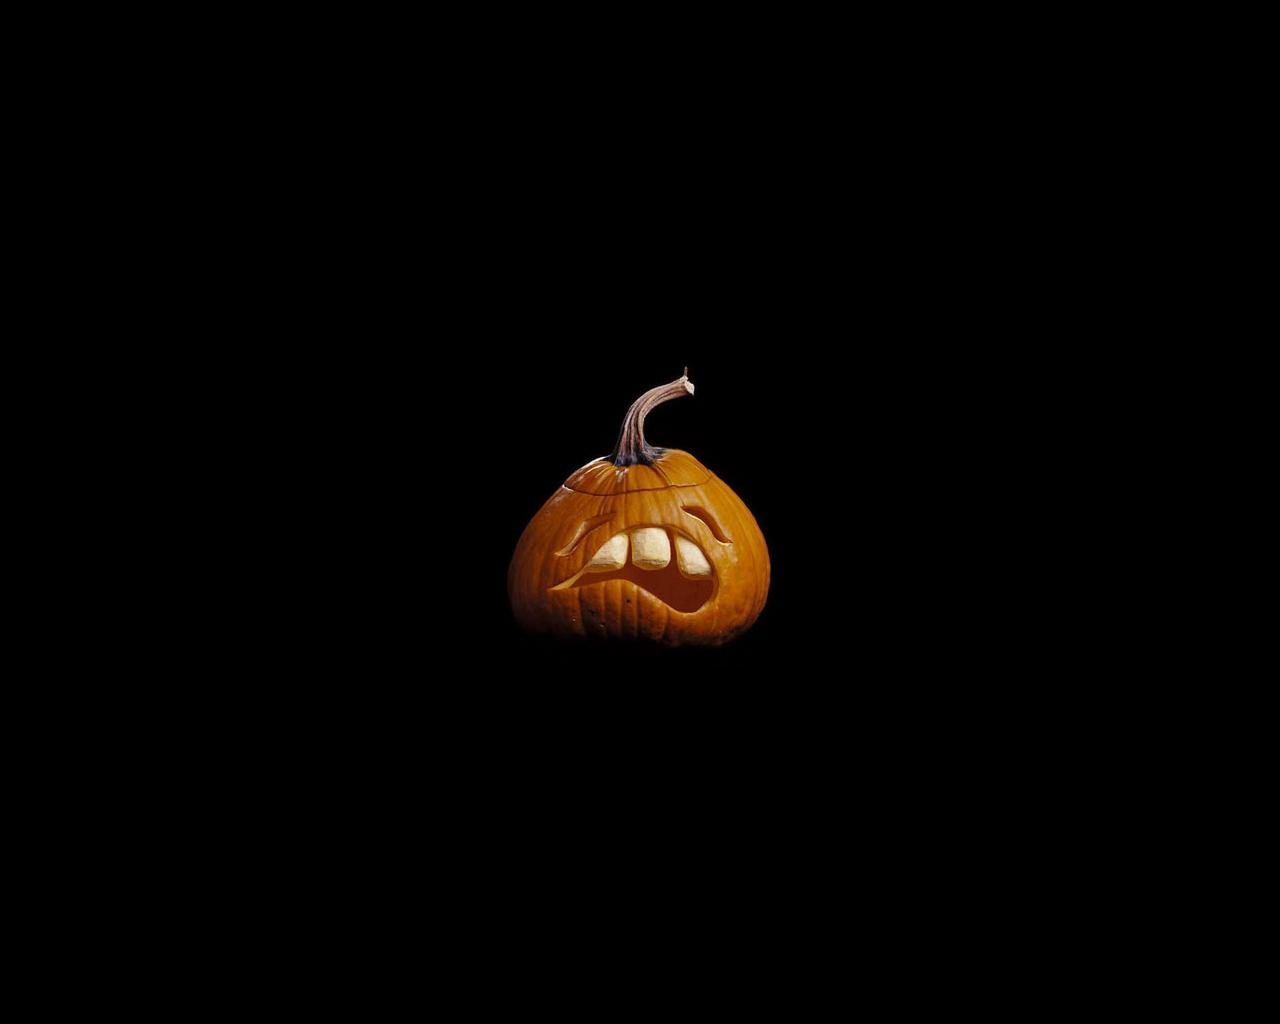 http://2.bp.blogspot.com/_w8vdEmYC4Kc/TPnv7v5cLDI/AAAAAAAAAXU/LzUB-OiIecc/d/Halloween+Crazy+Pumpkins_23_%255Bby+HRWalls%255D.jpg